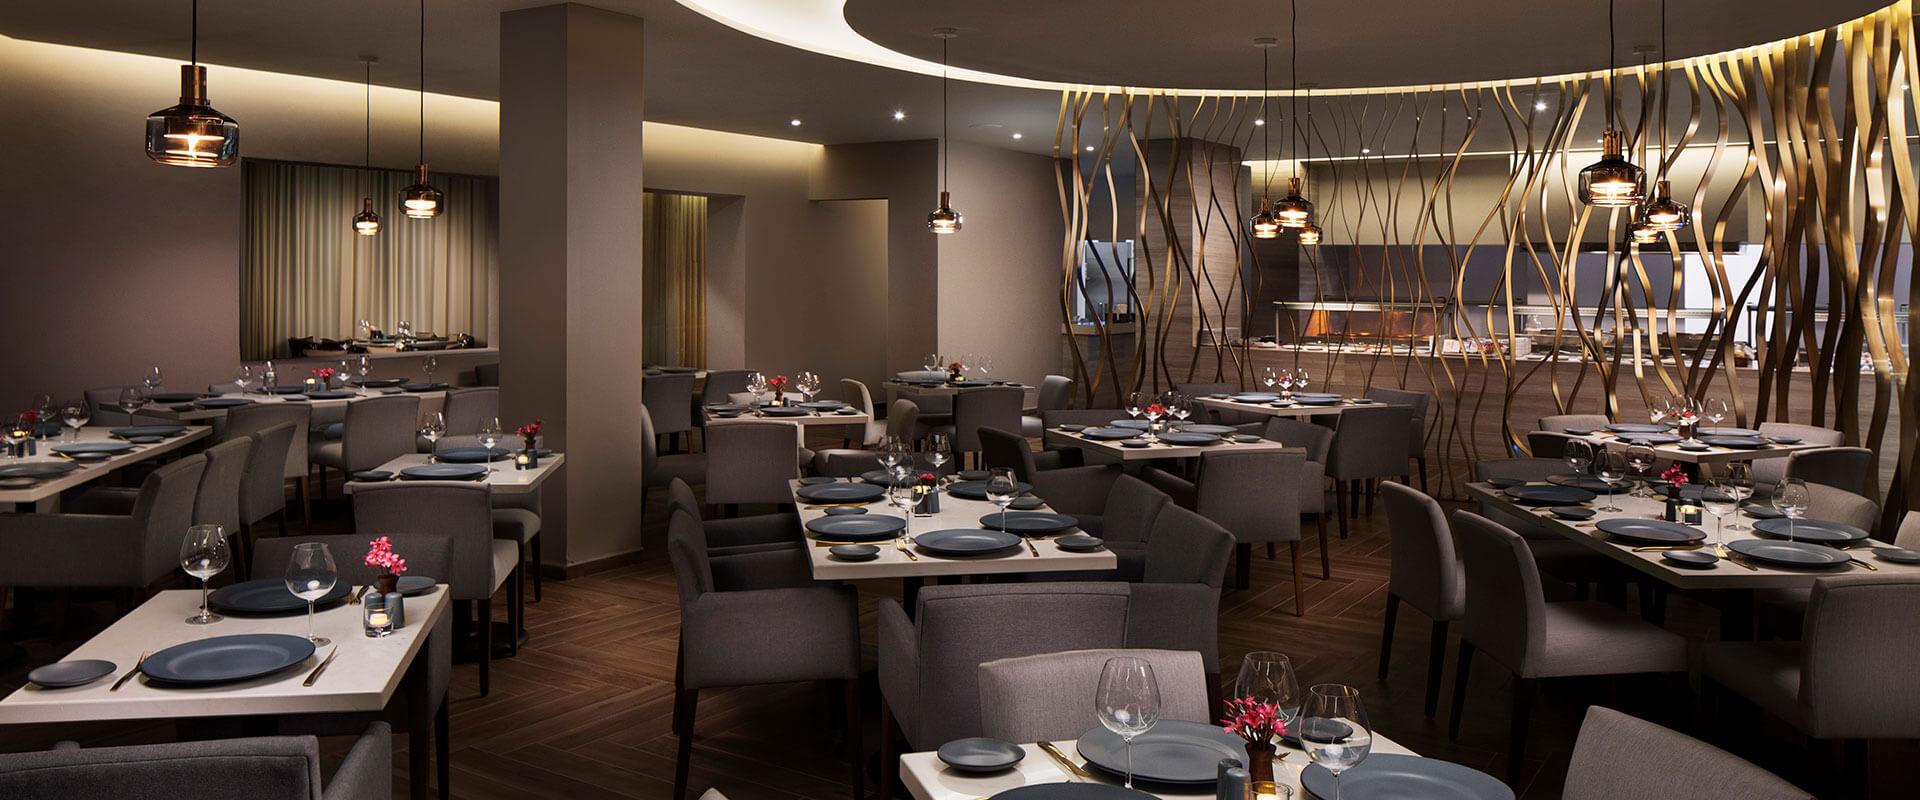 ec_french_restaurant